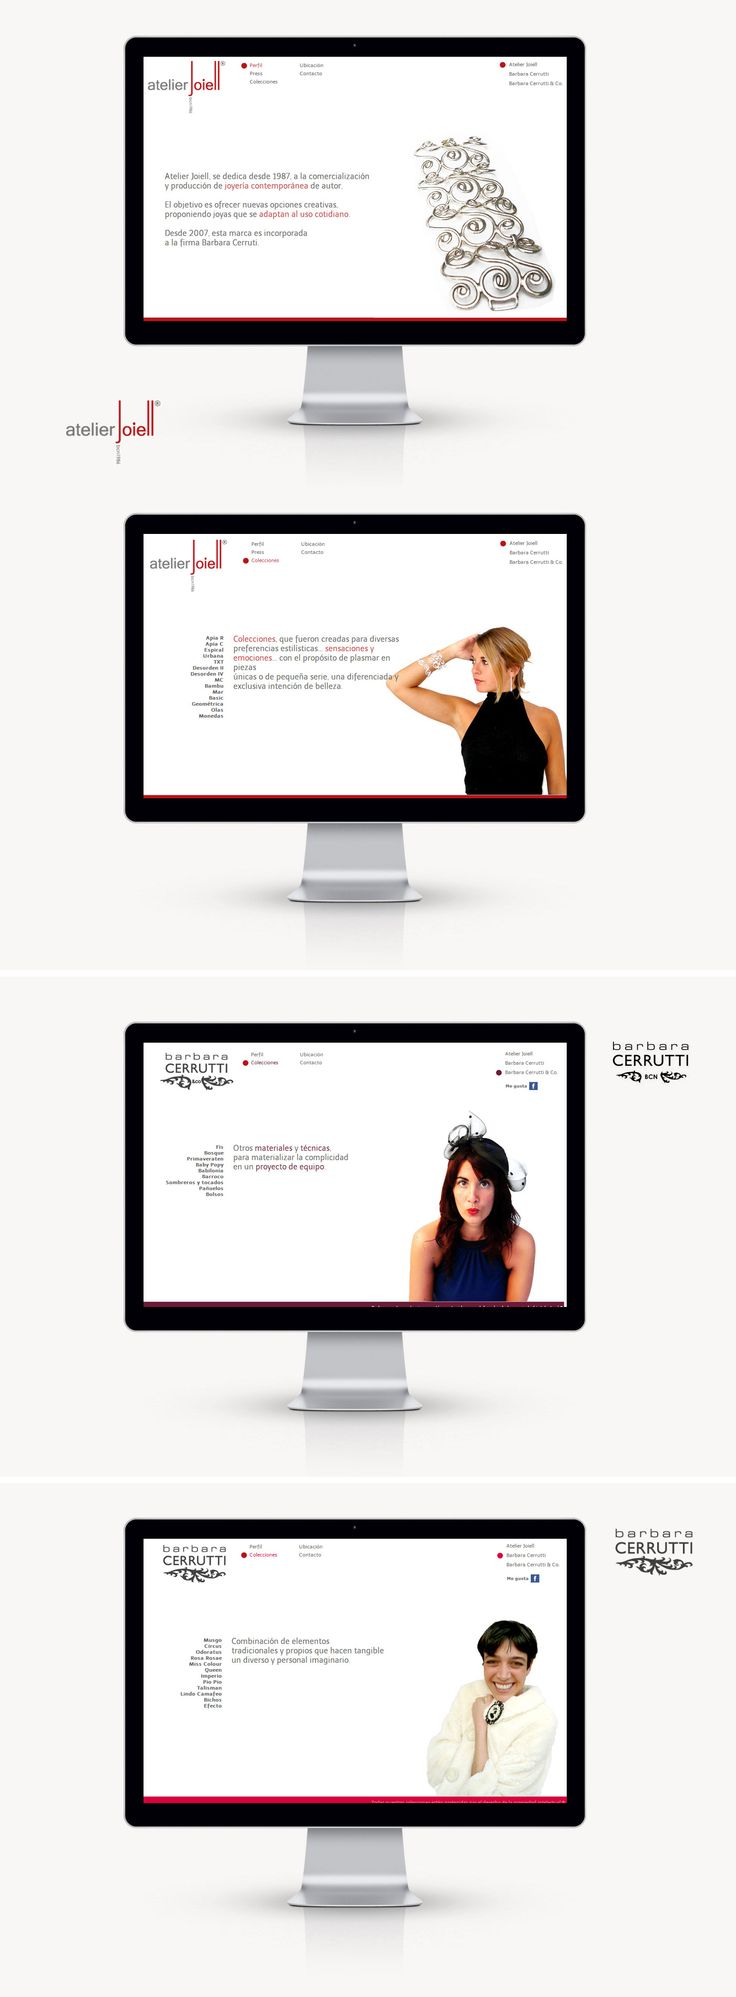 Atelier Joiell llego a DOMO con la necesidad de integrar sus múltiples facetas de colecciones de joyería en un sólo Sitio Web, que reflejara su esencia creativa. A su vez, también necesitó, el diseño de dos nuevas marcas de joyas y sus sitios, pero que ellos sean parte también de Joiell.